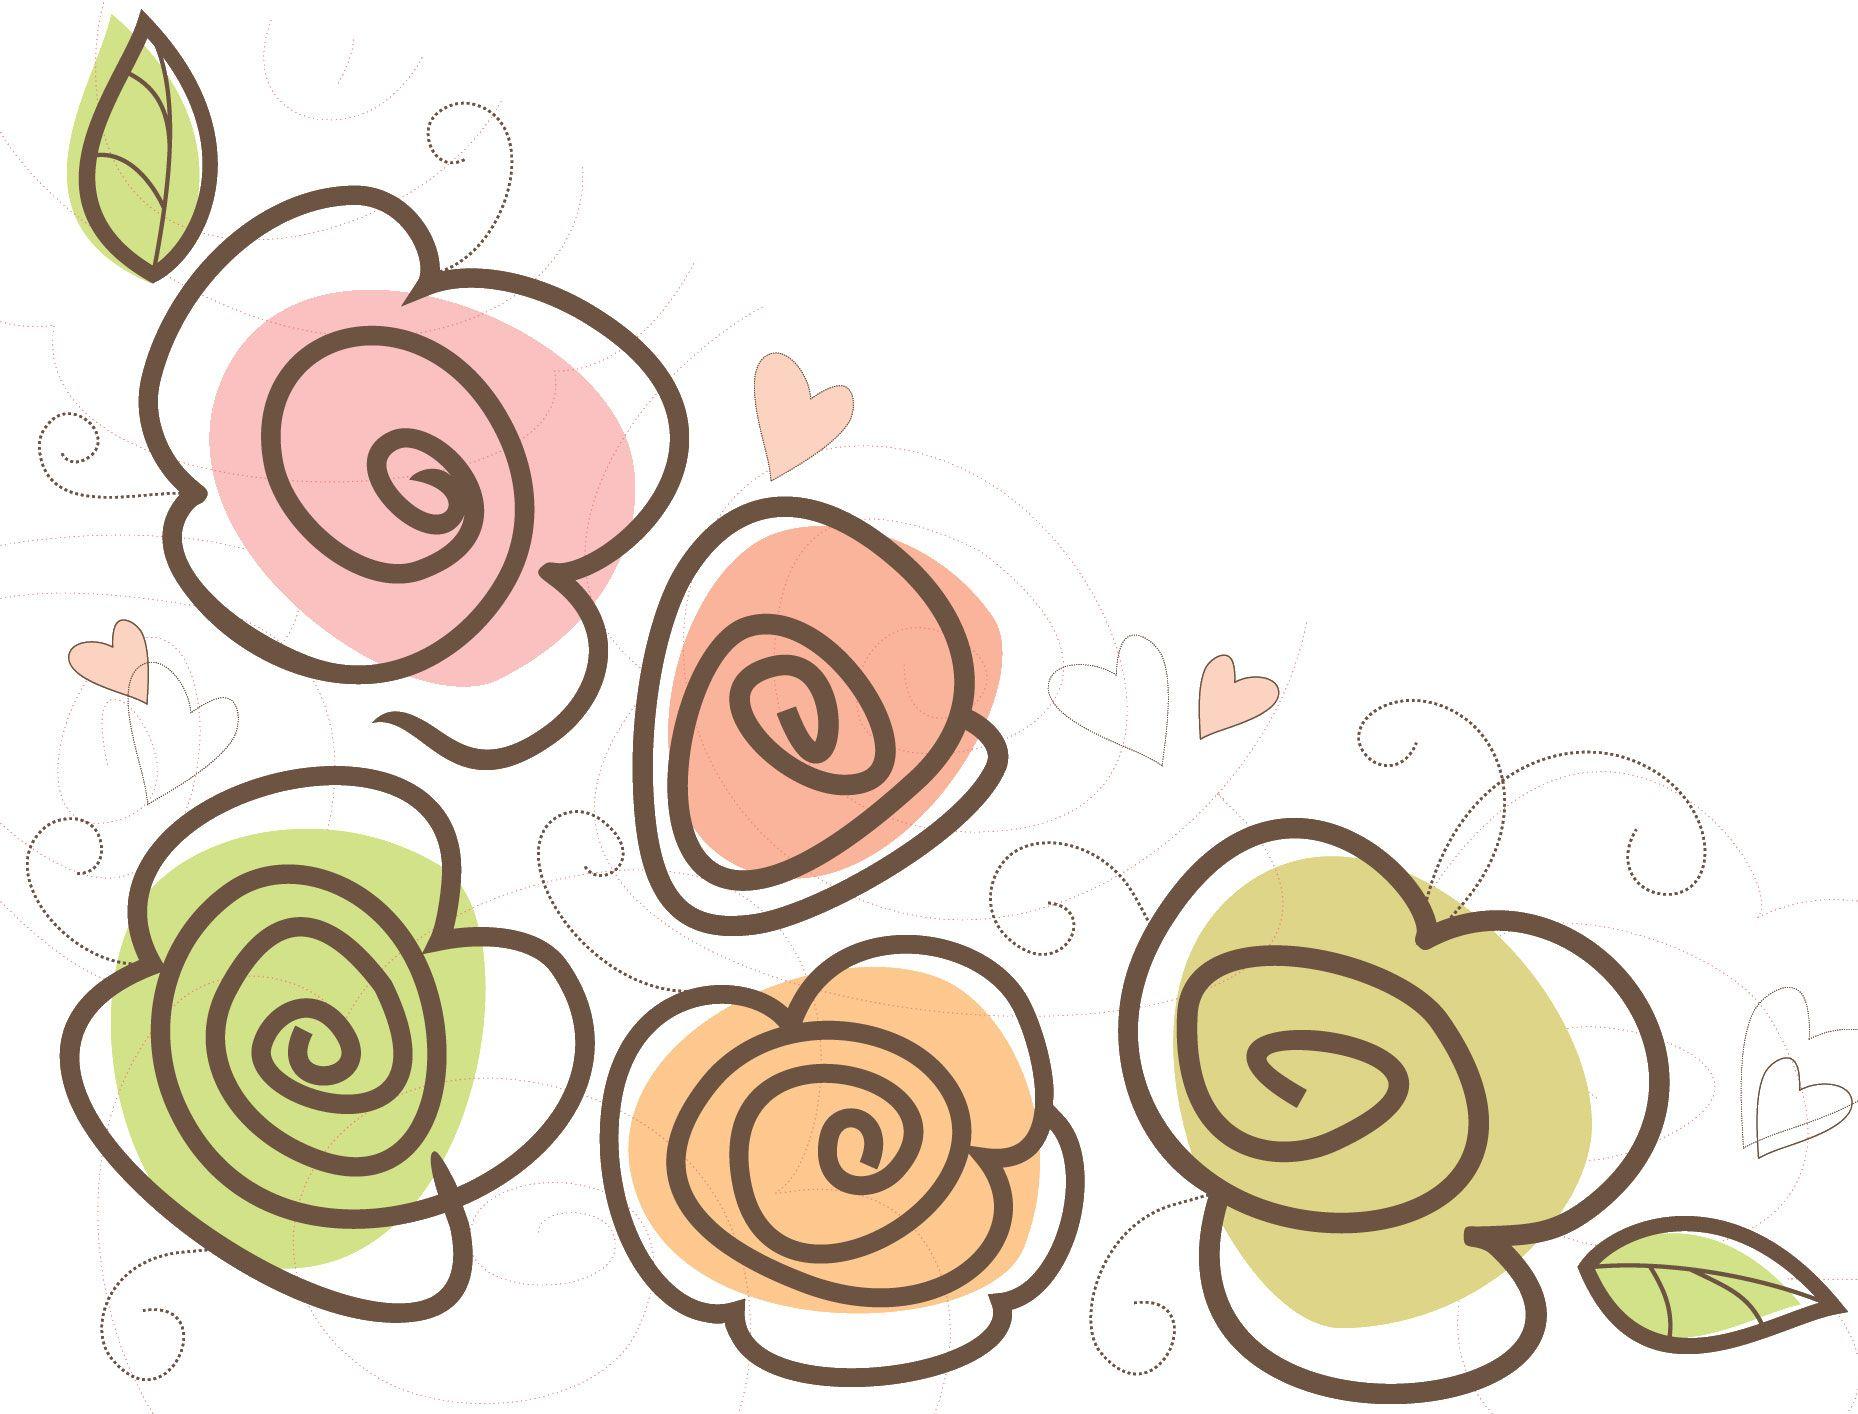 可愛い花のイラスト-ハート・シンプル・葉 | face painting